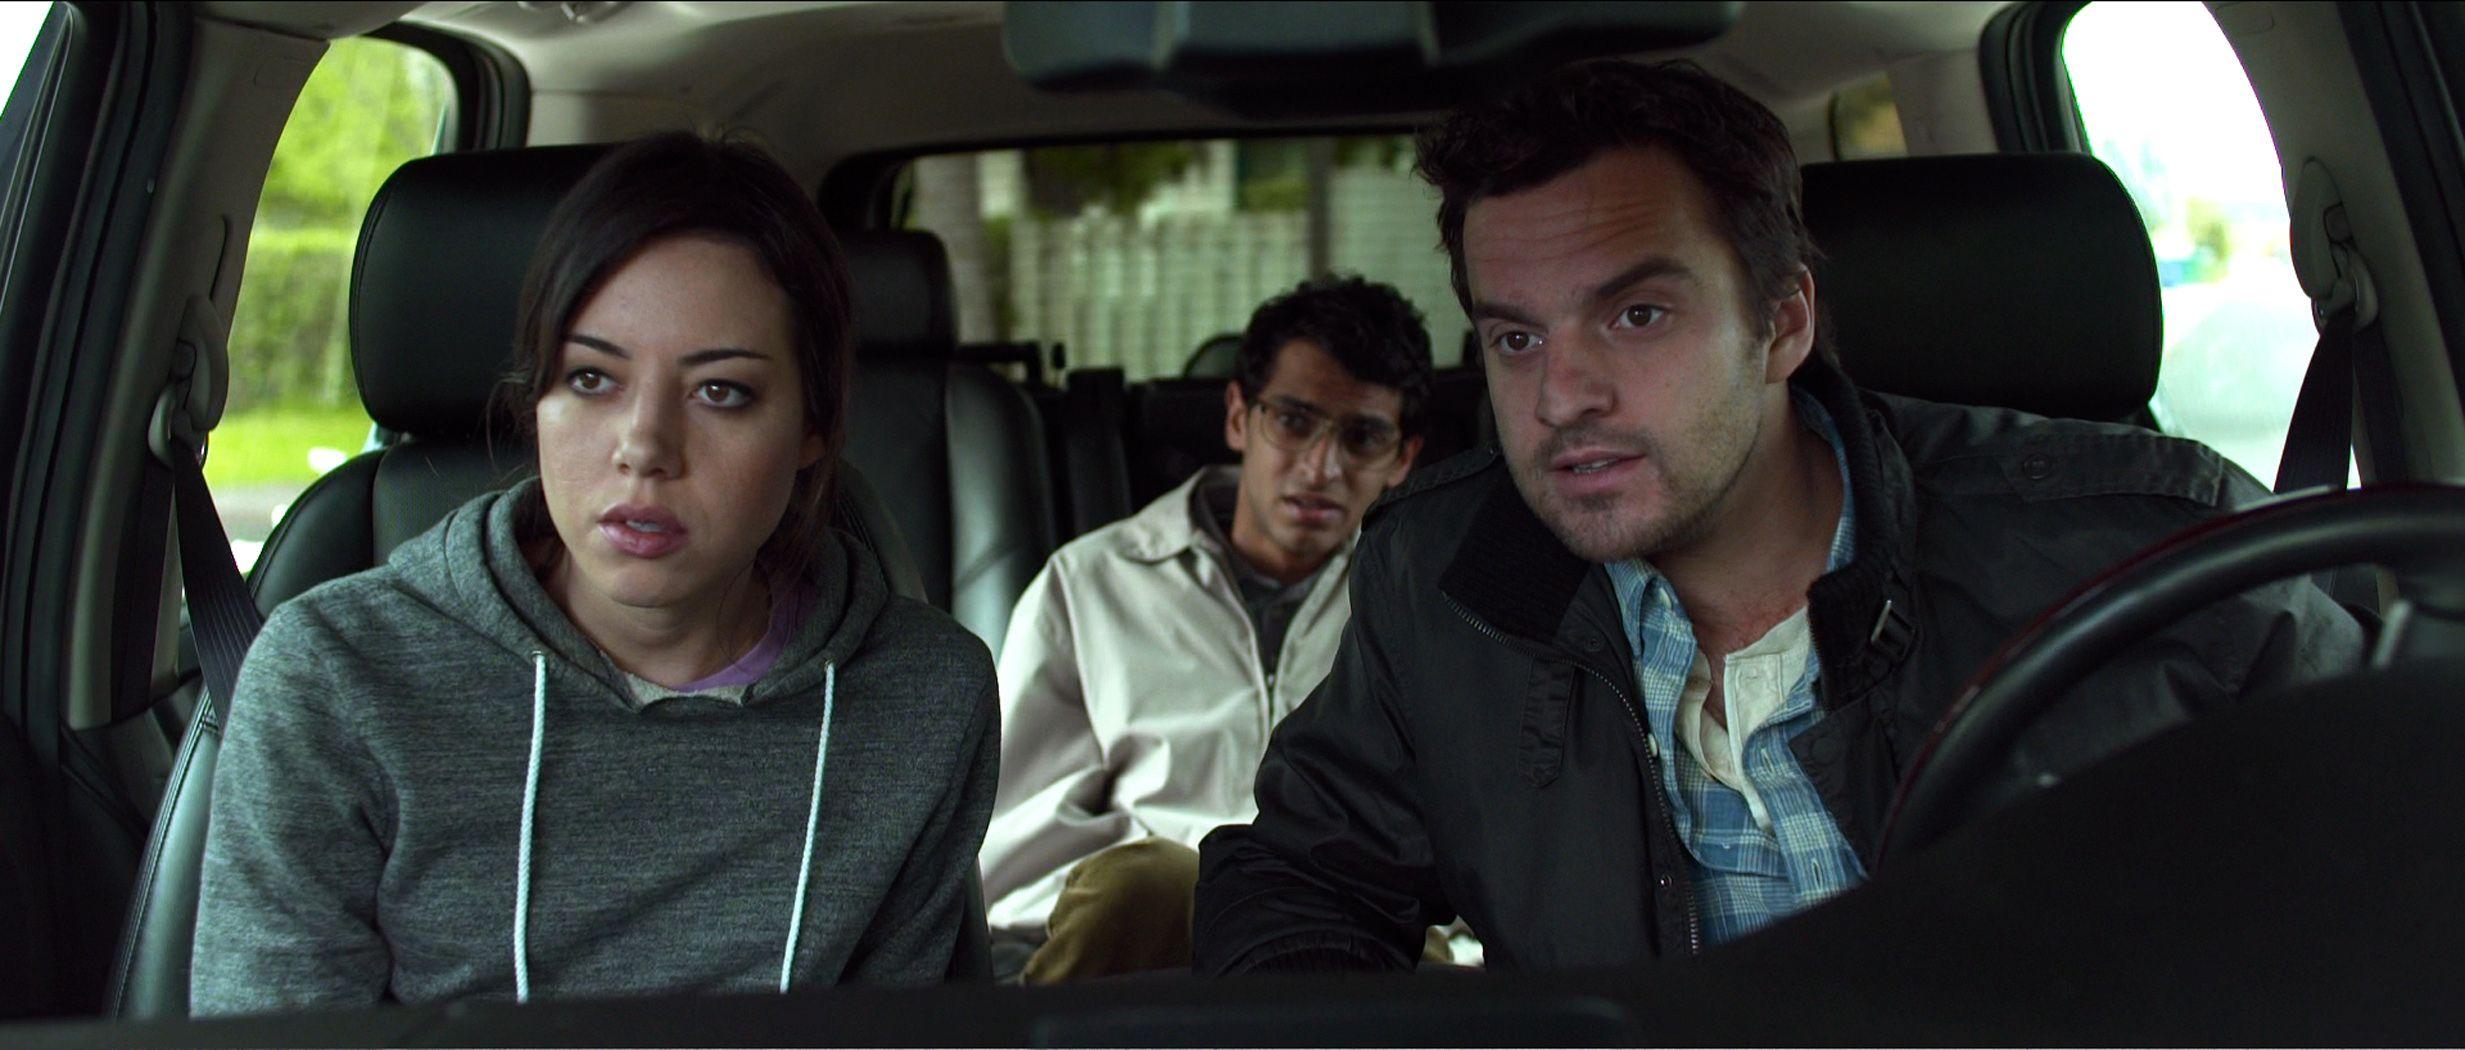 Sundance 2012 SAFETY NOT GUARANTEED Review Jake johnson